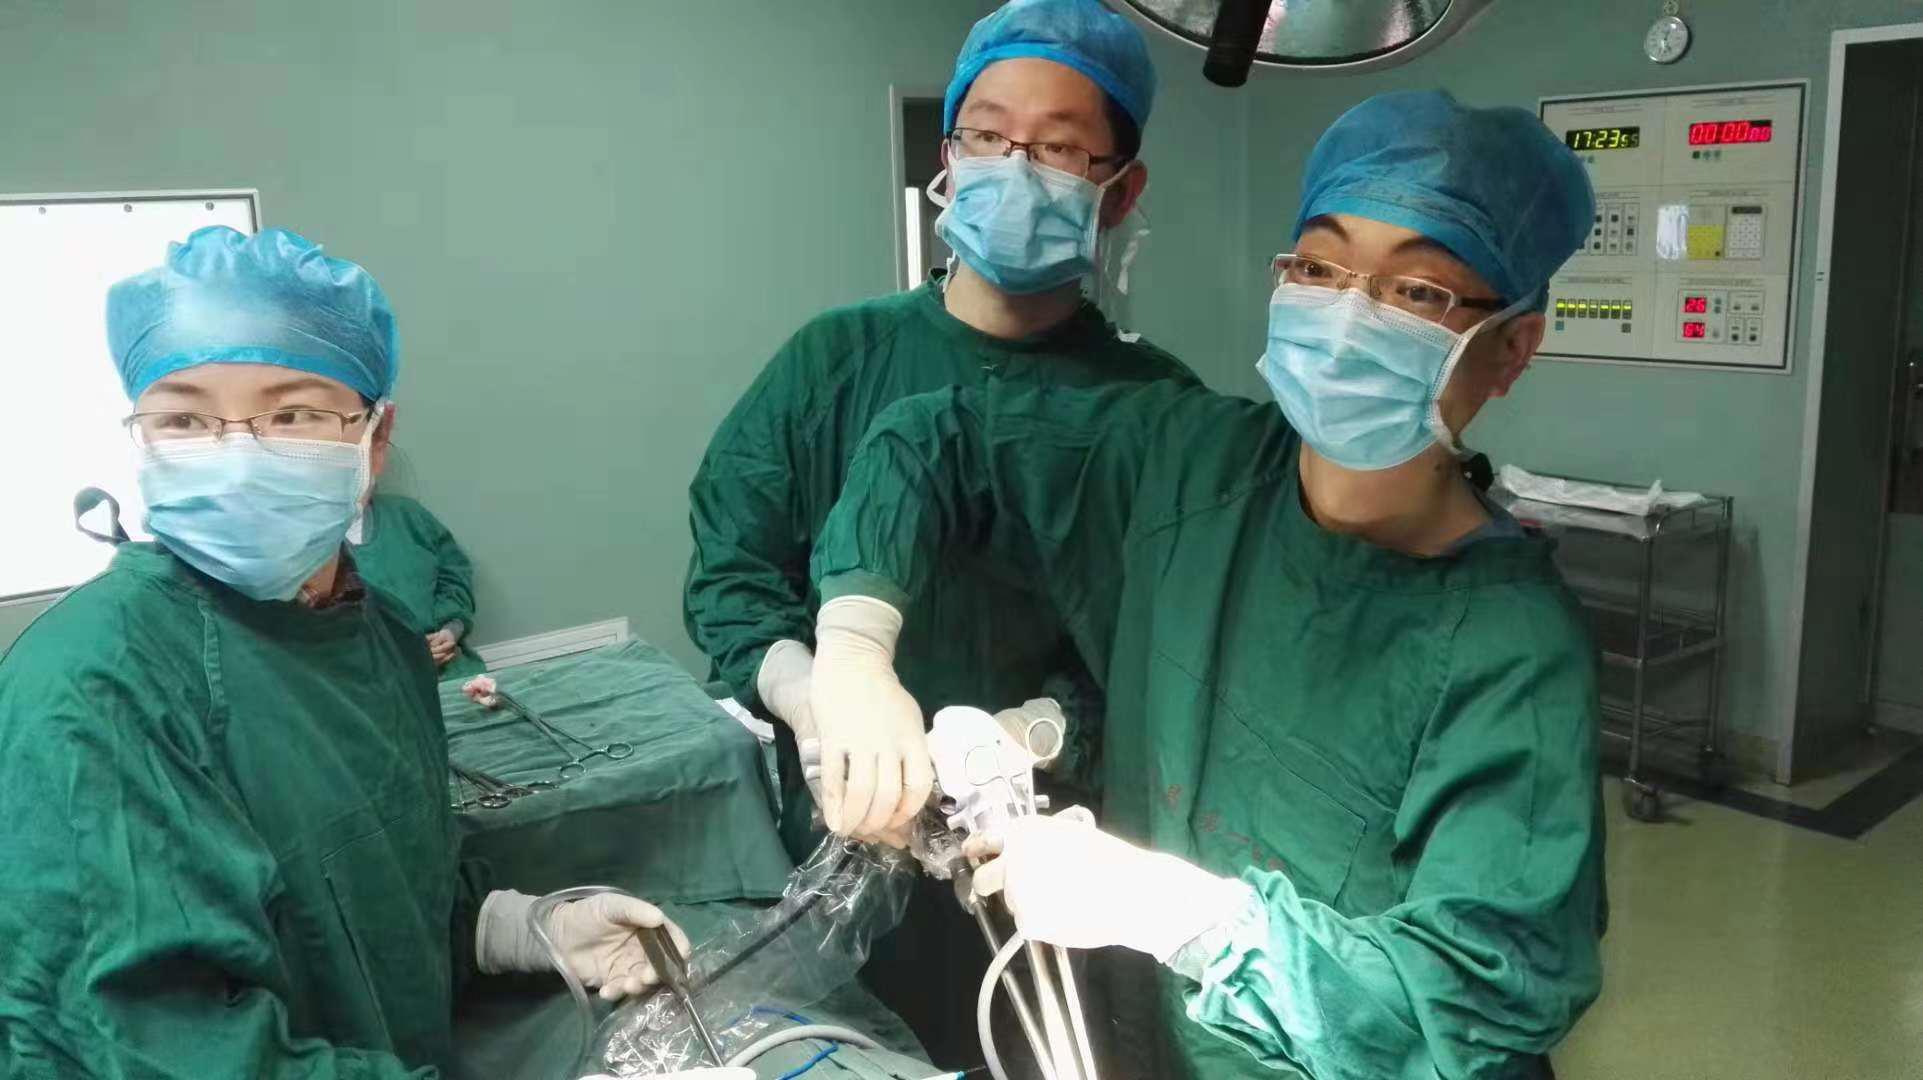 南大三附院心胸外科成功完成hookwire精确定位-胸腔镜下